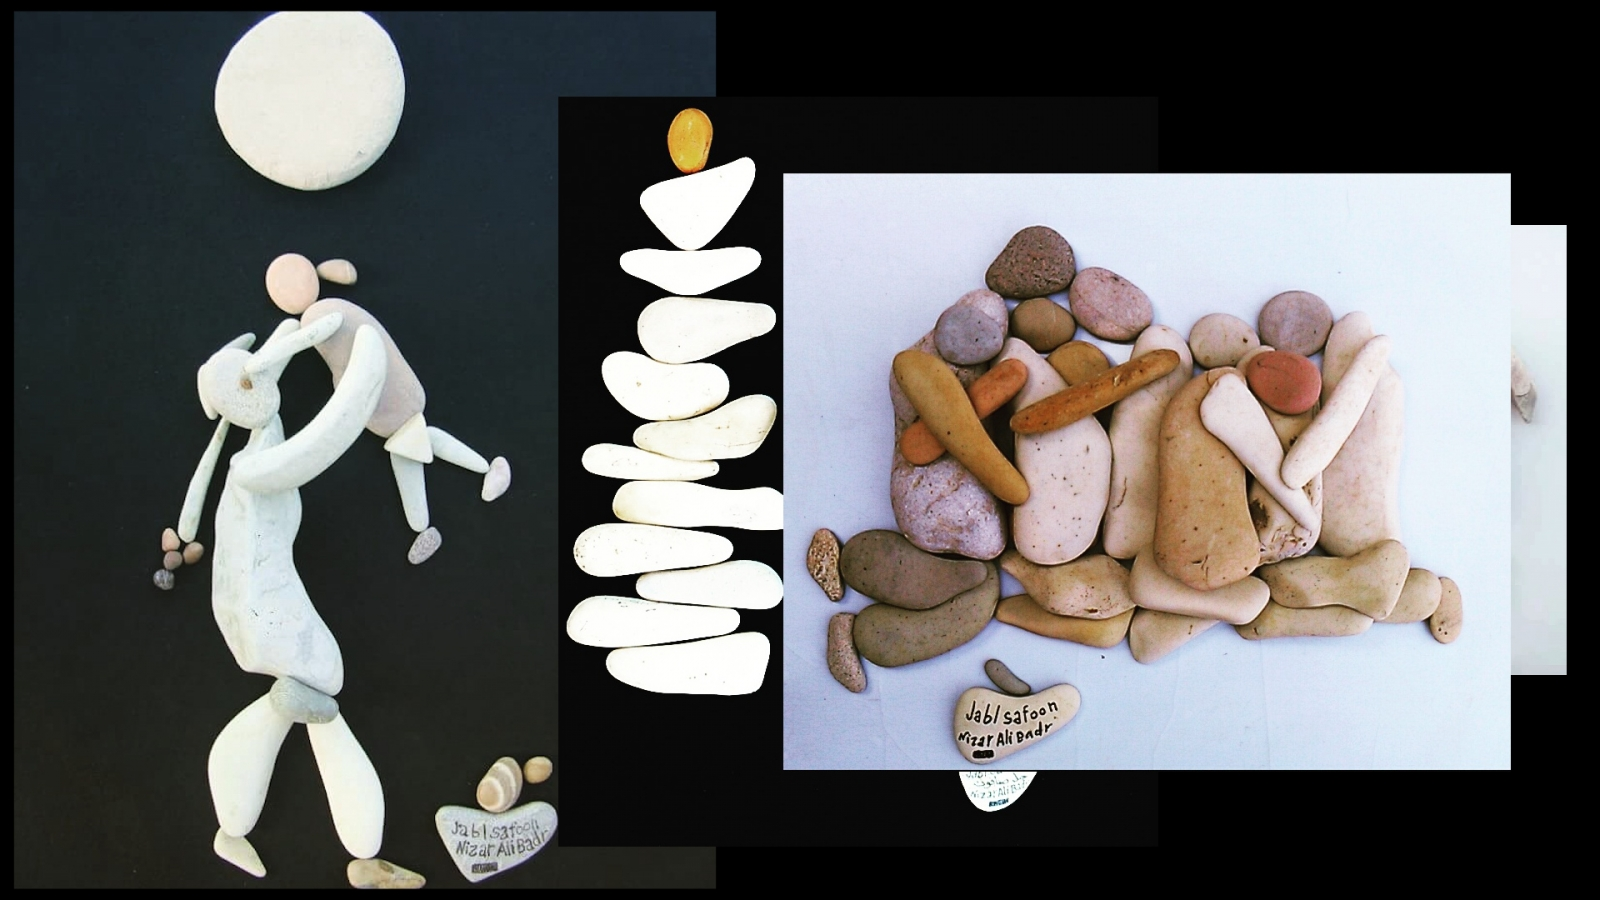 heartbreaking-effects-of-syria-war-in-pebble-art